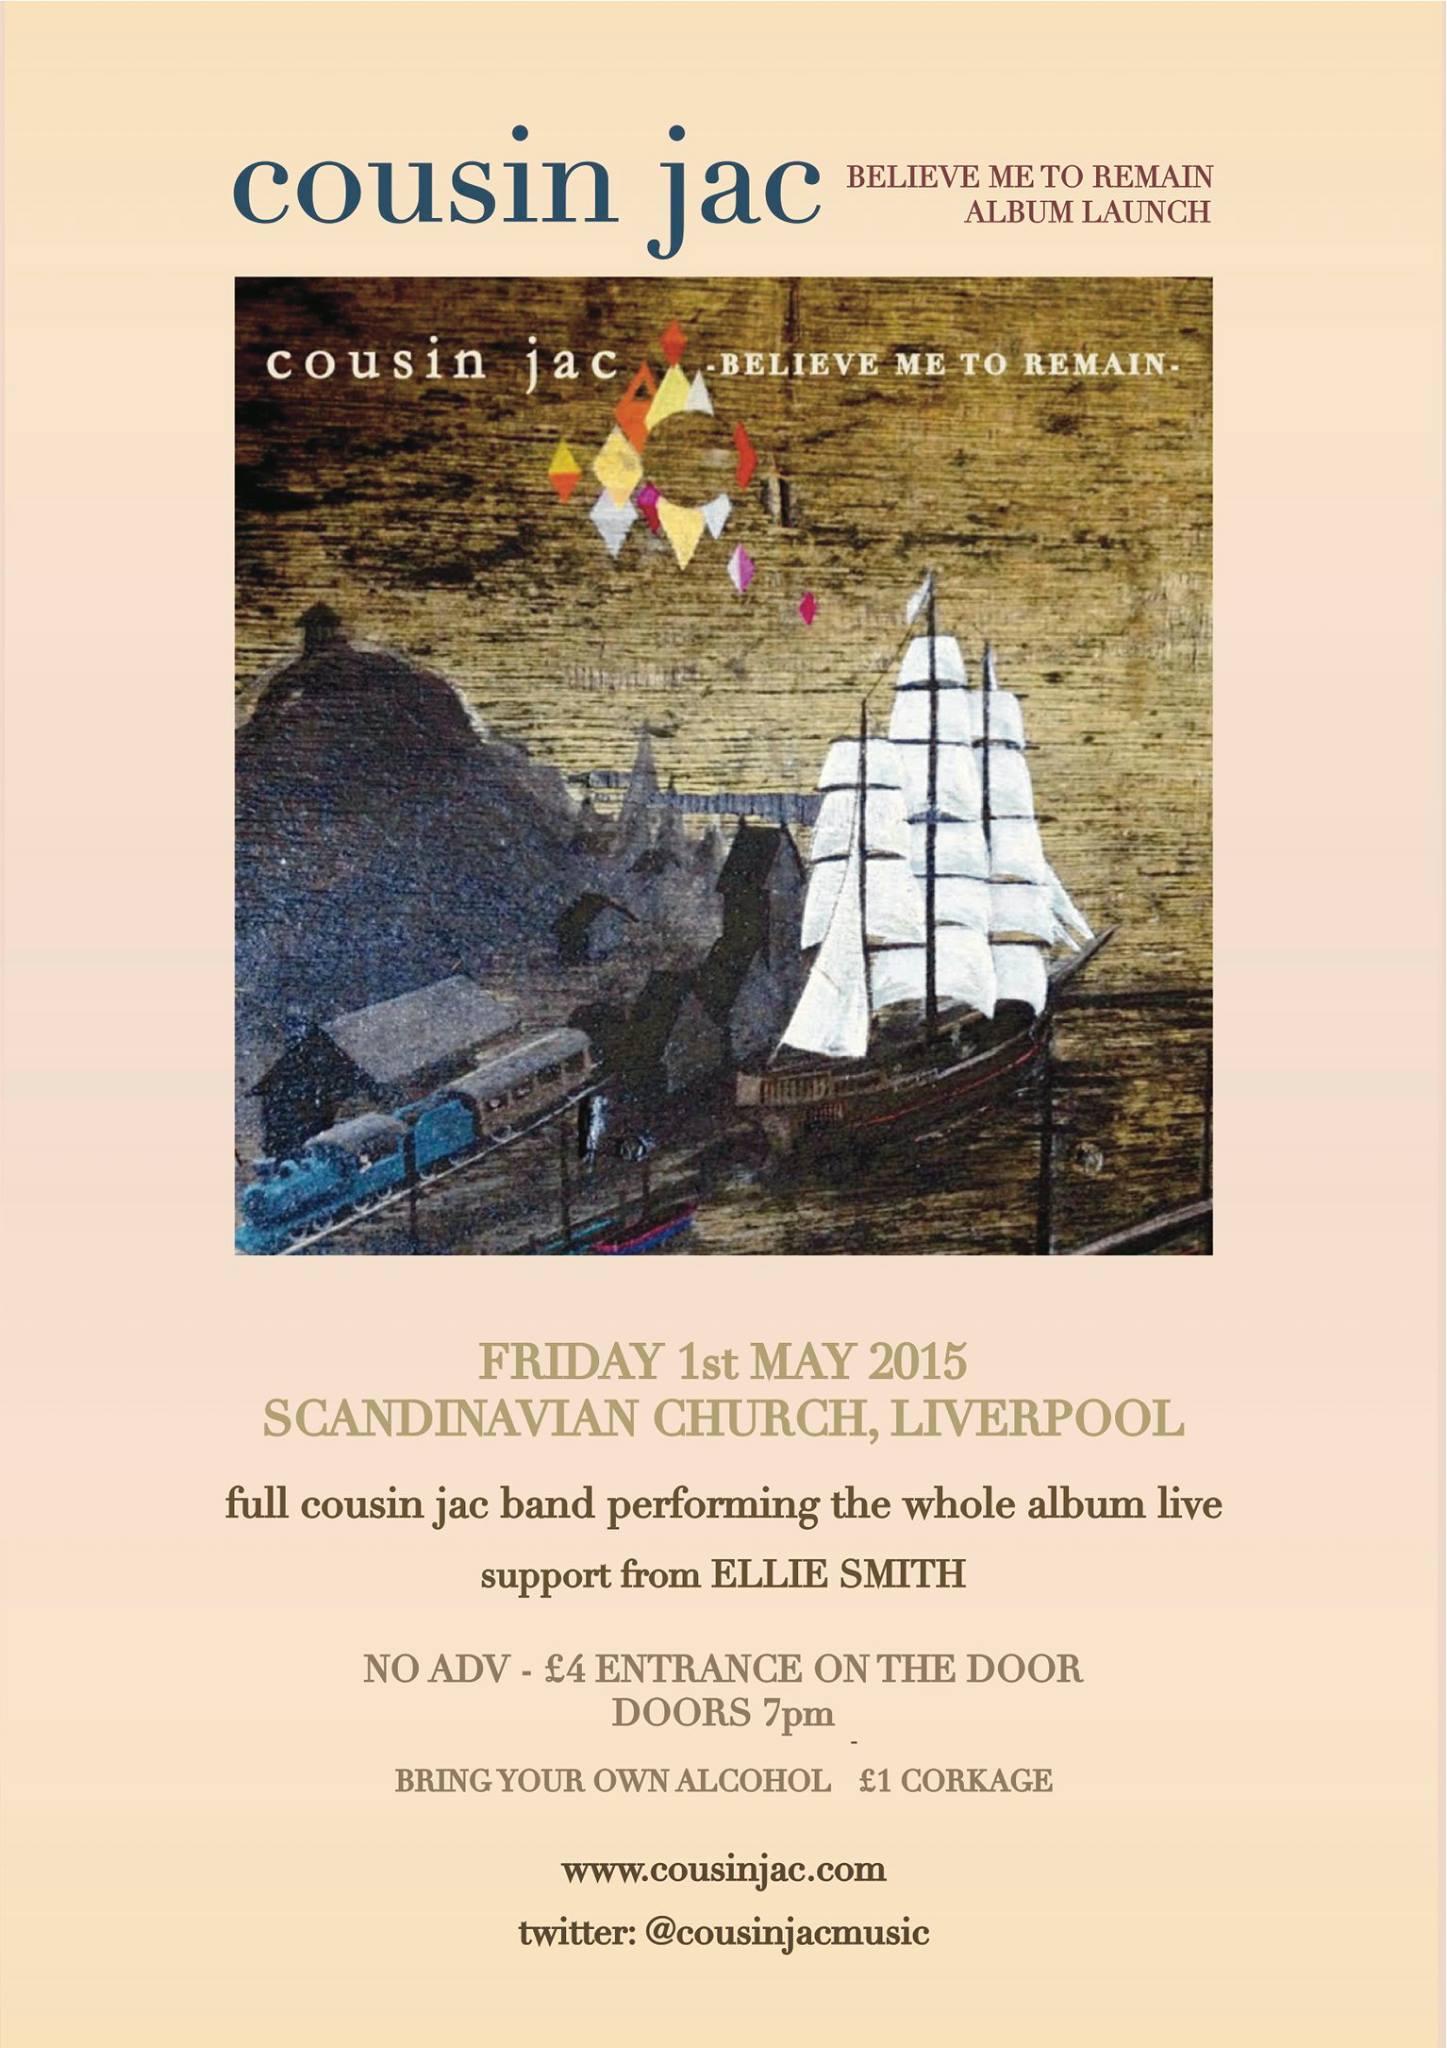 cousin jac album launch poster